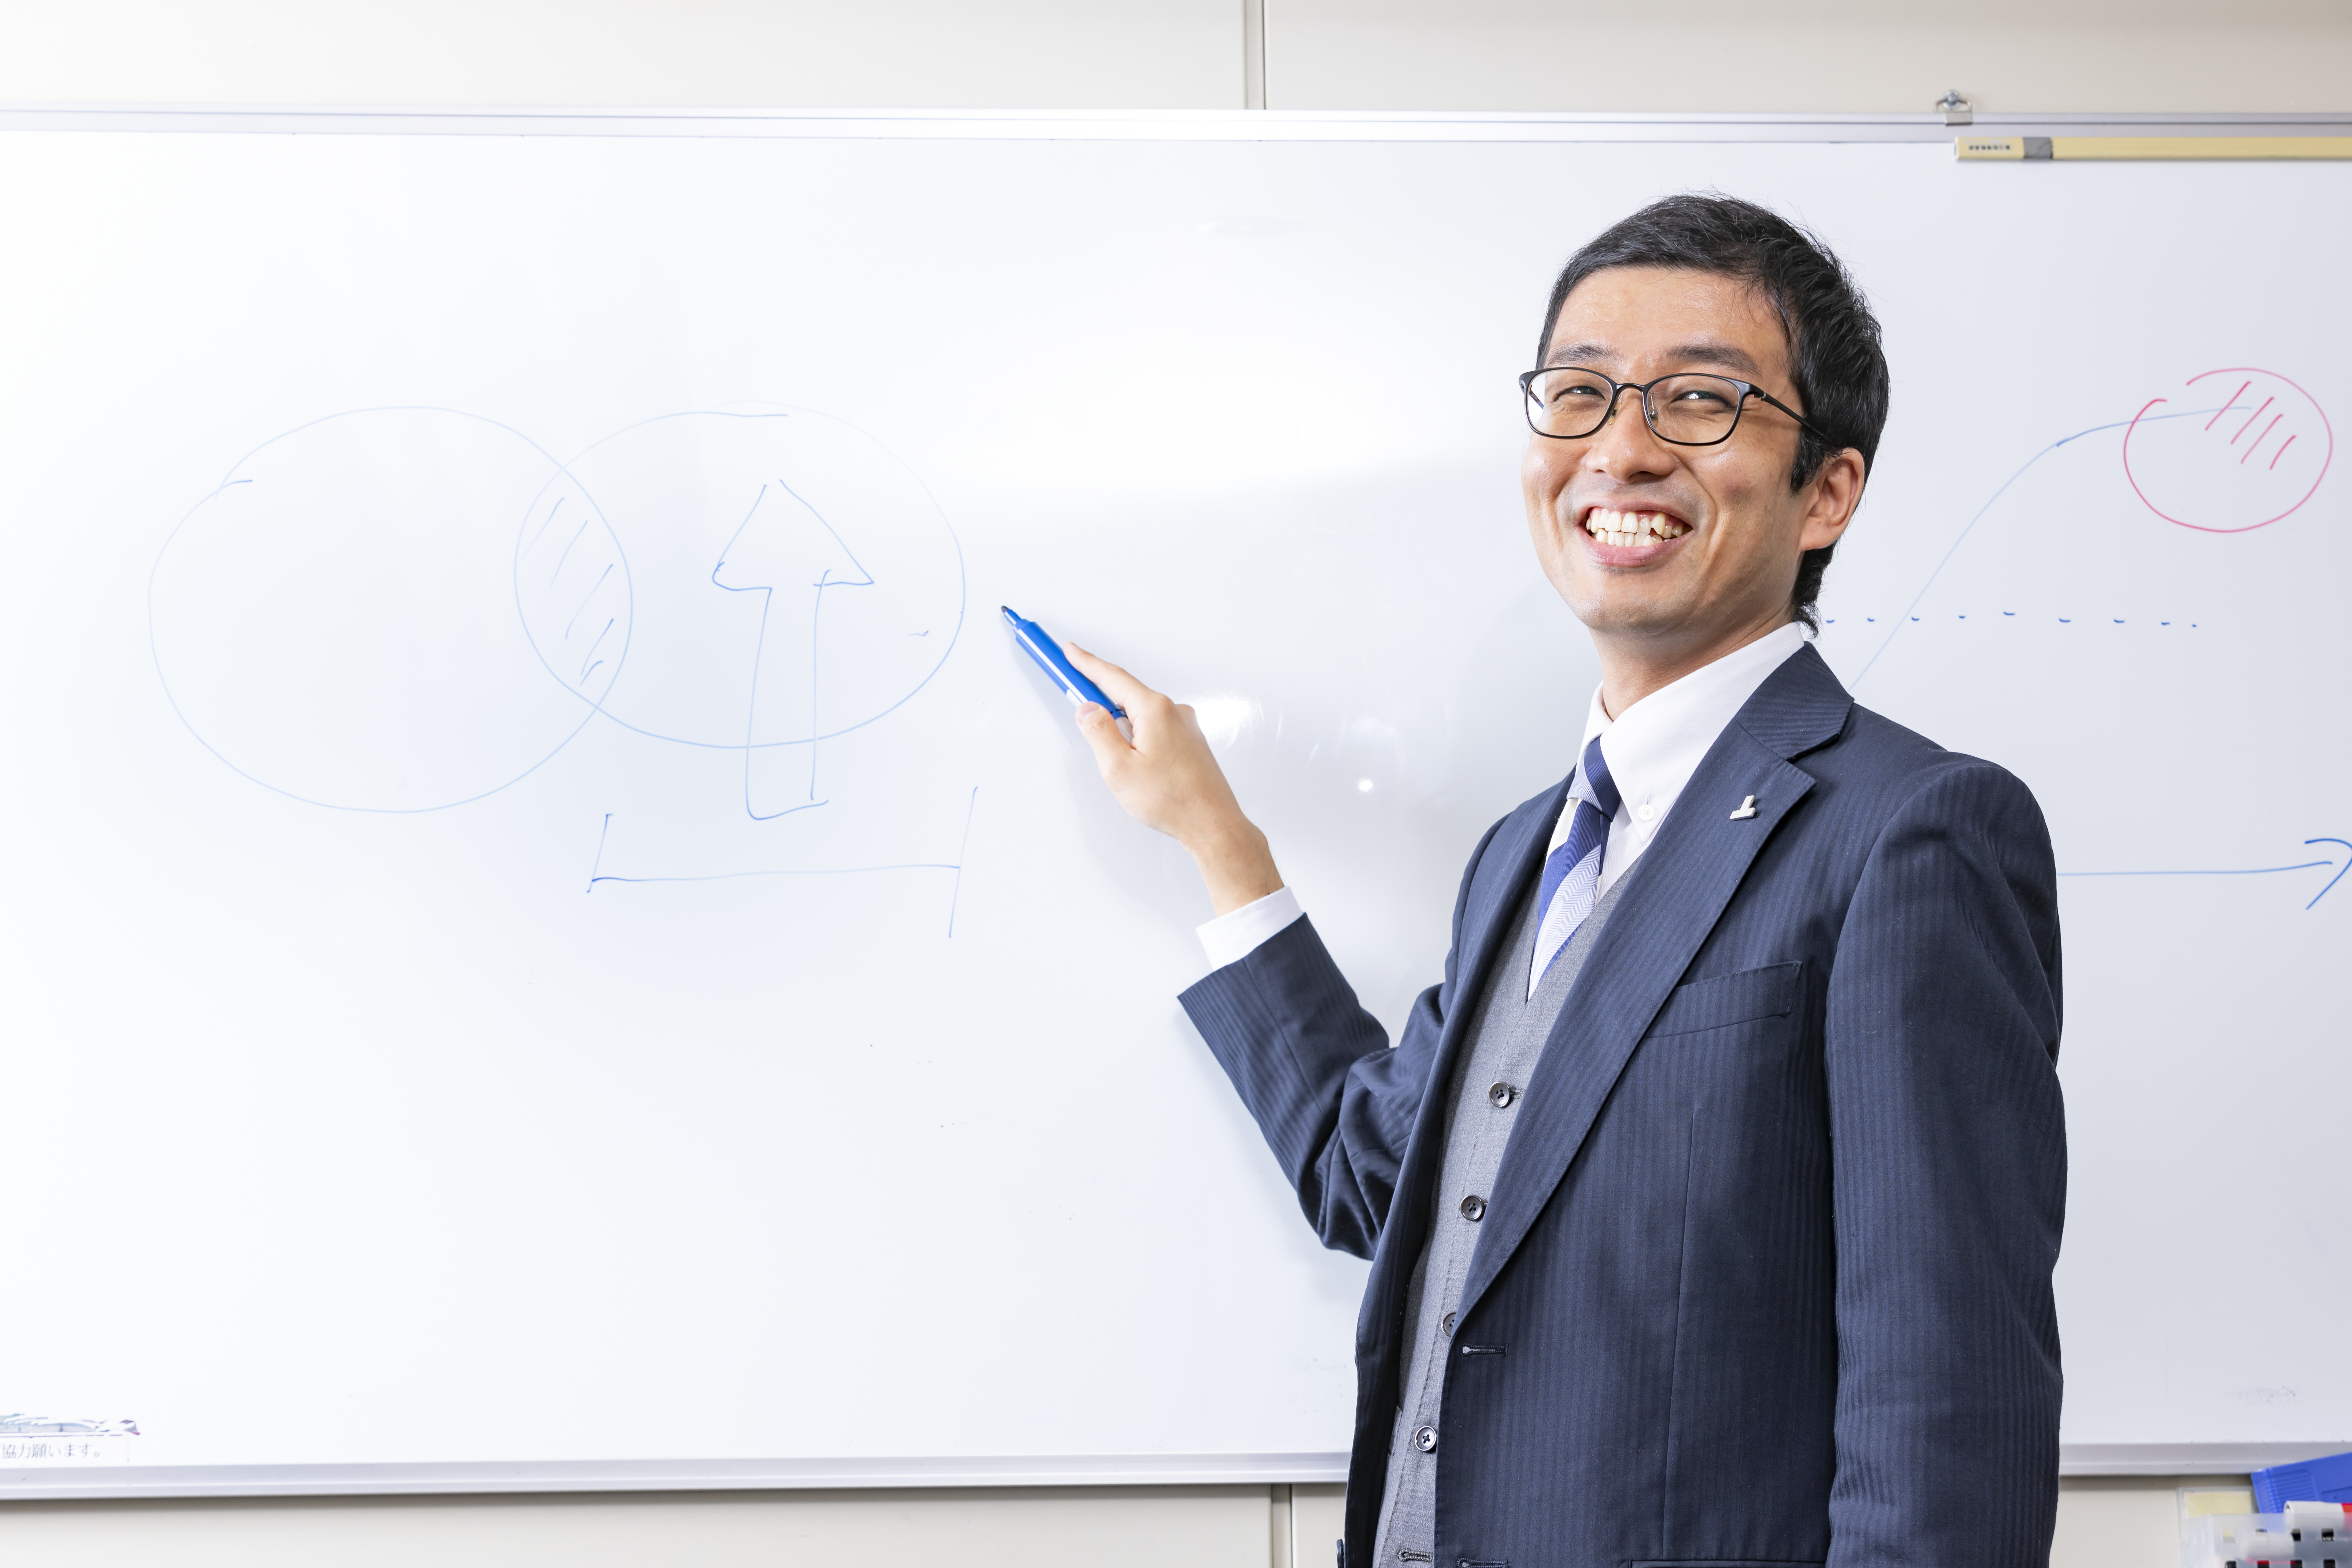 阪急阪神百貨店勤務 松澤康之さんーイノベーション・キュレーター塾生インタビュー